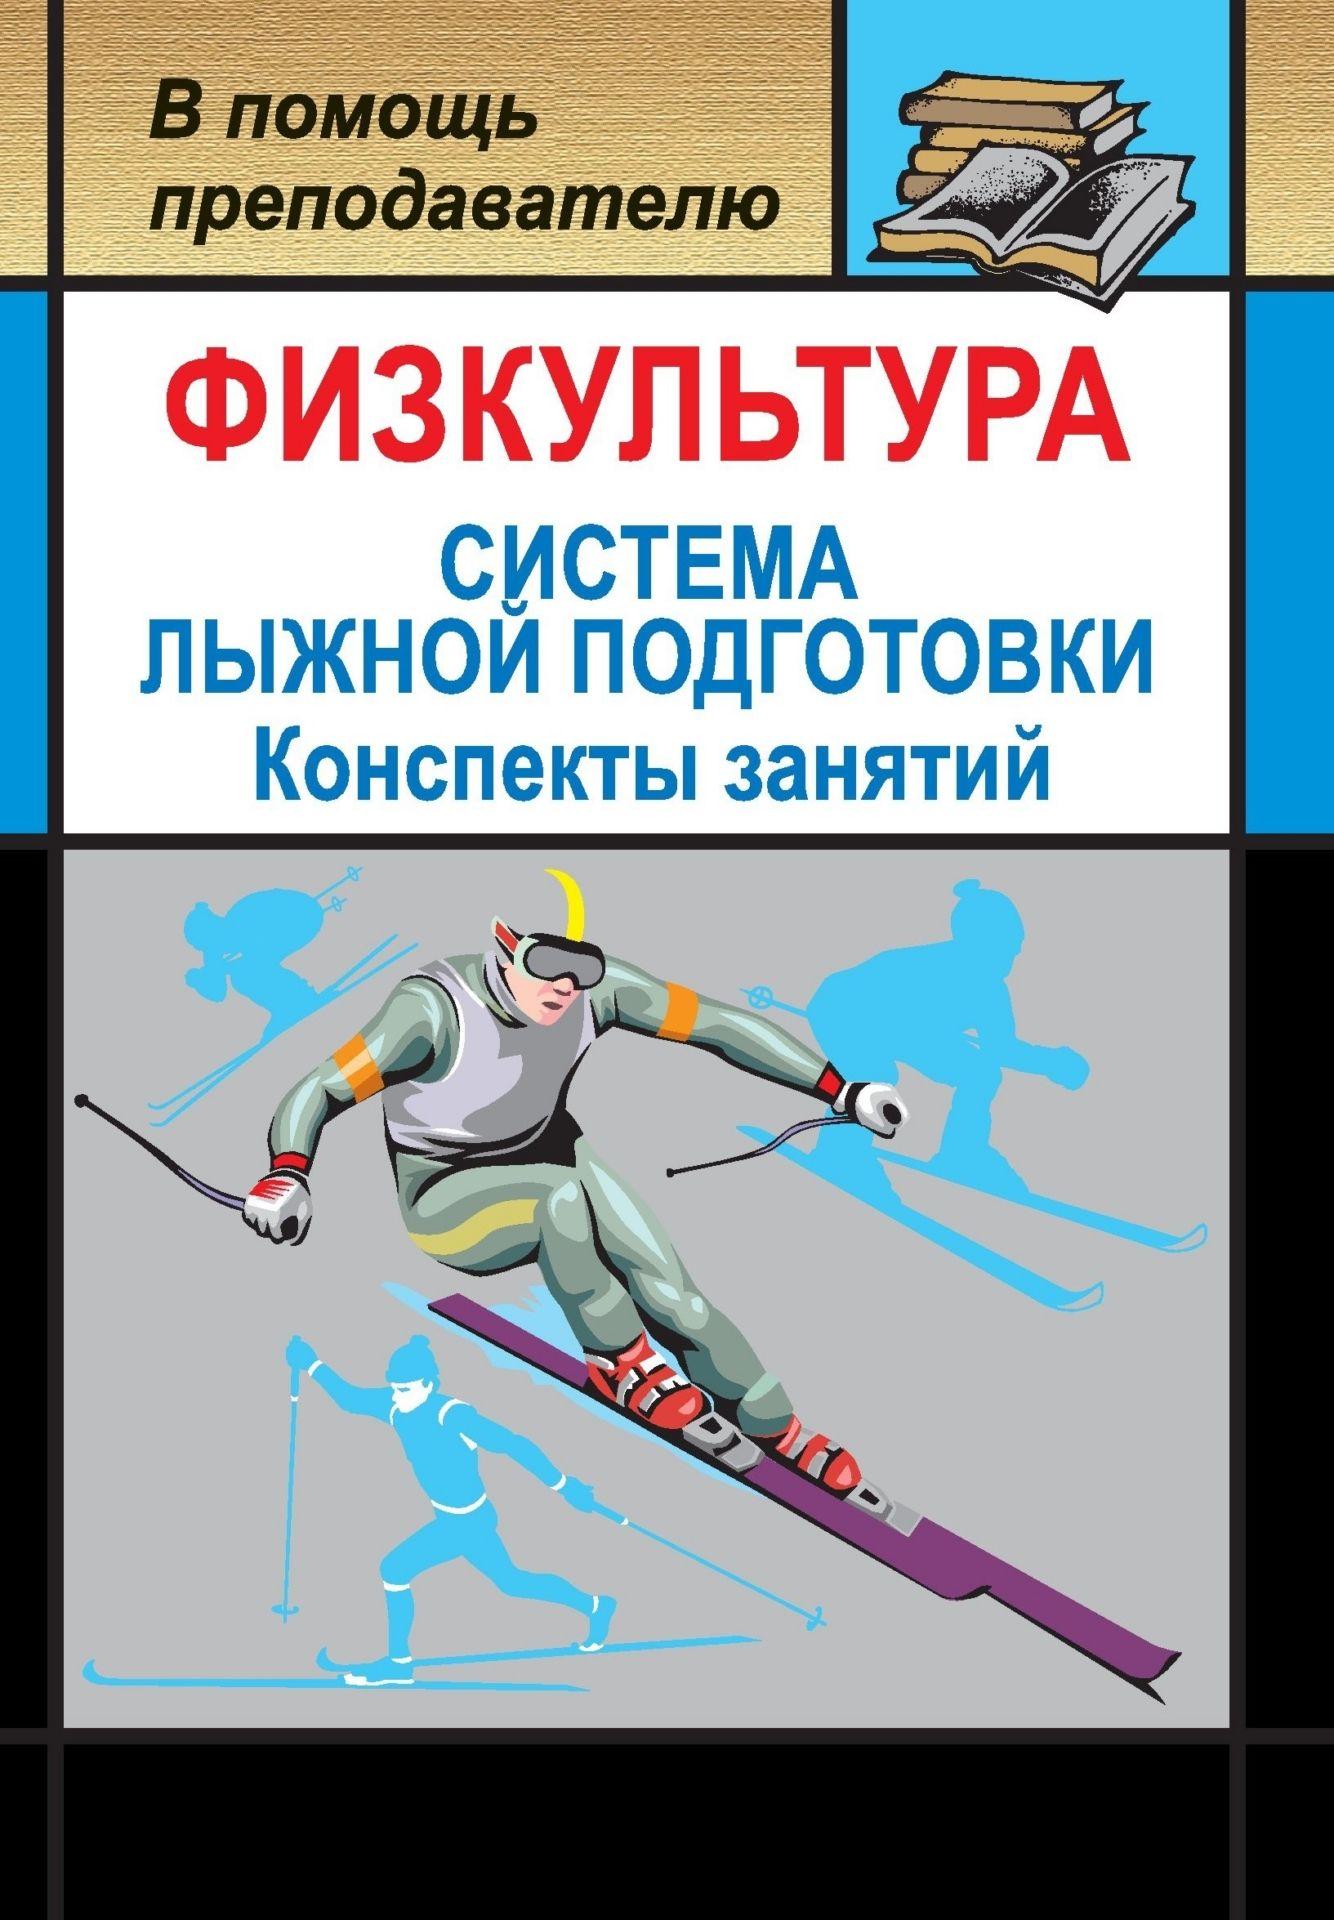 Физкультура. Система лыжной подготовки детей и подростков: конспекты занятий